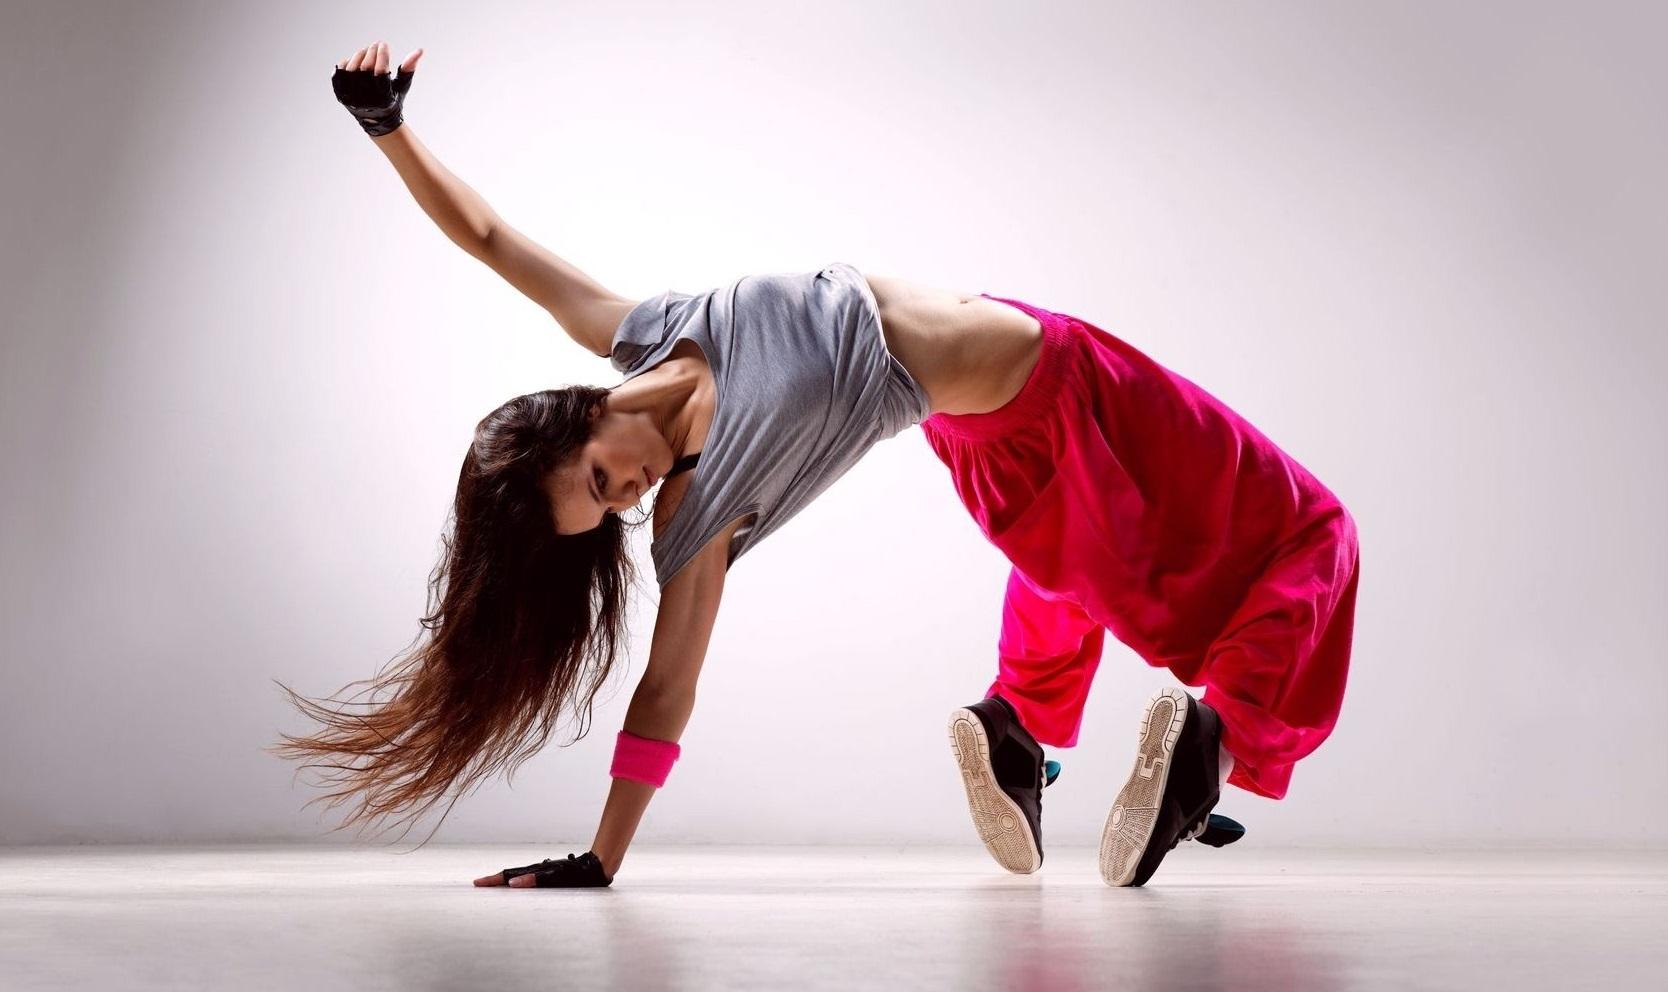 chica bailando